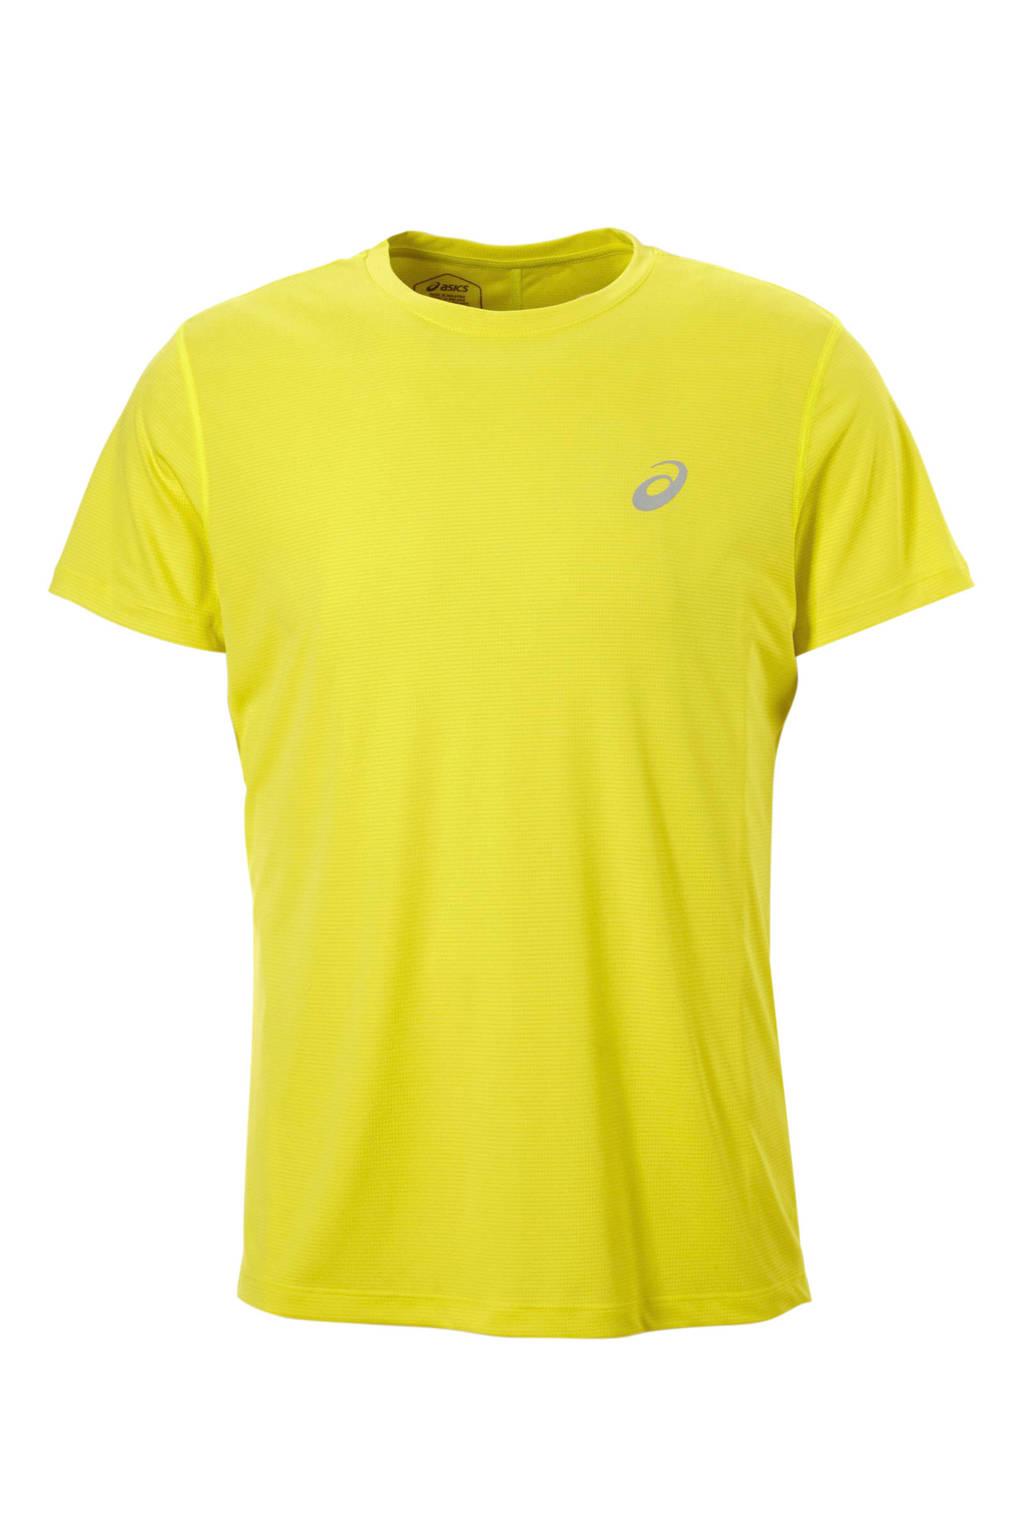 ASICS   sport T-shirt geel, Geel